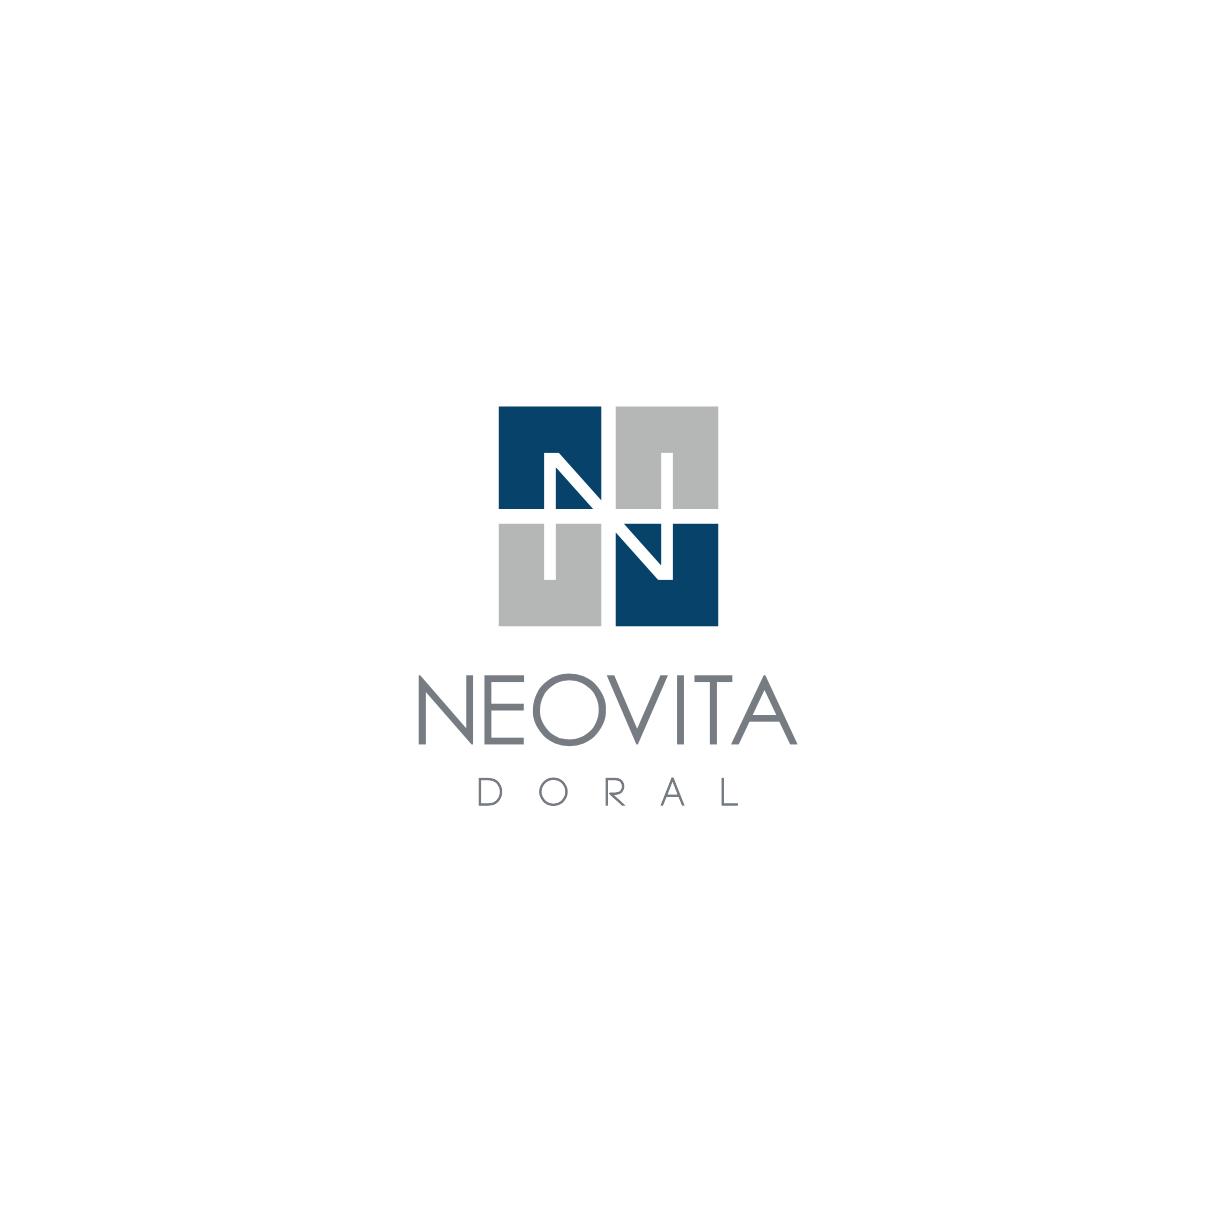 Neovita Doral